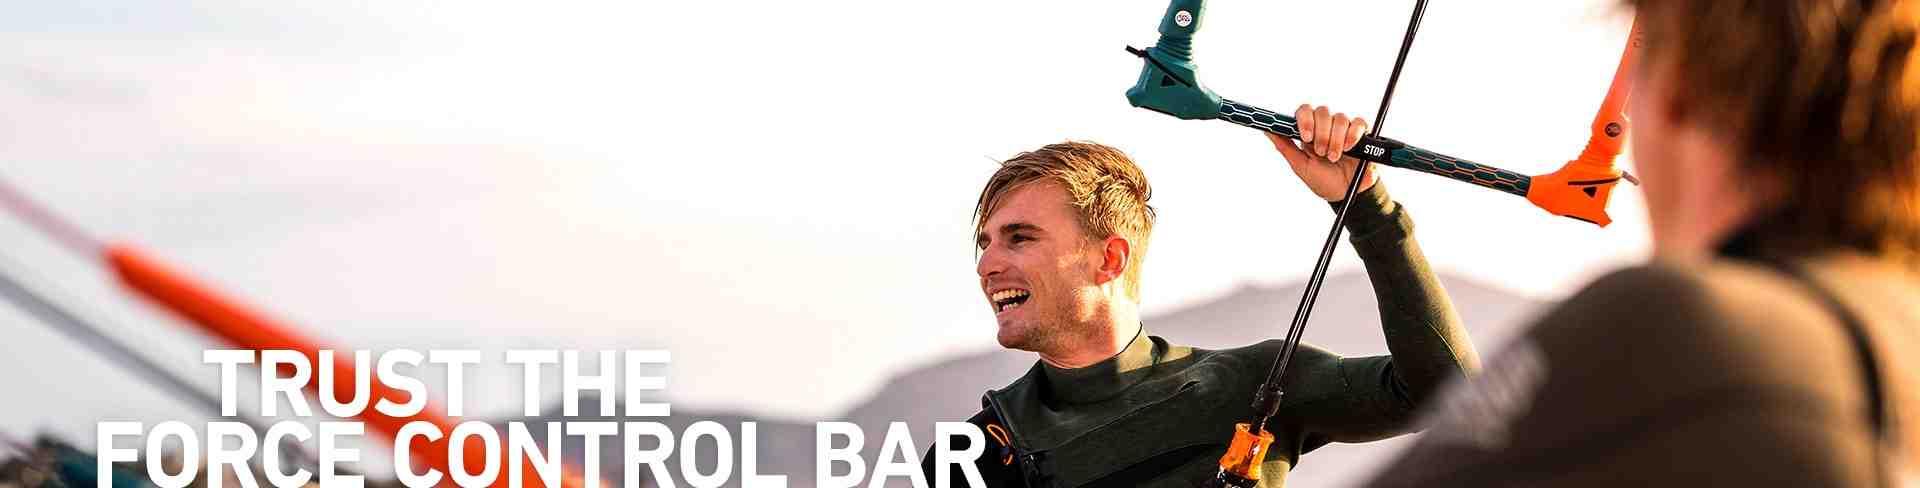 flysurfer-barLMa75z0GLjqBJ